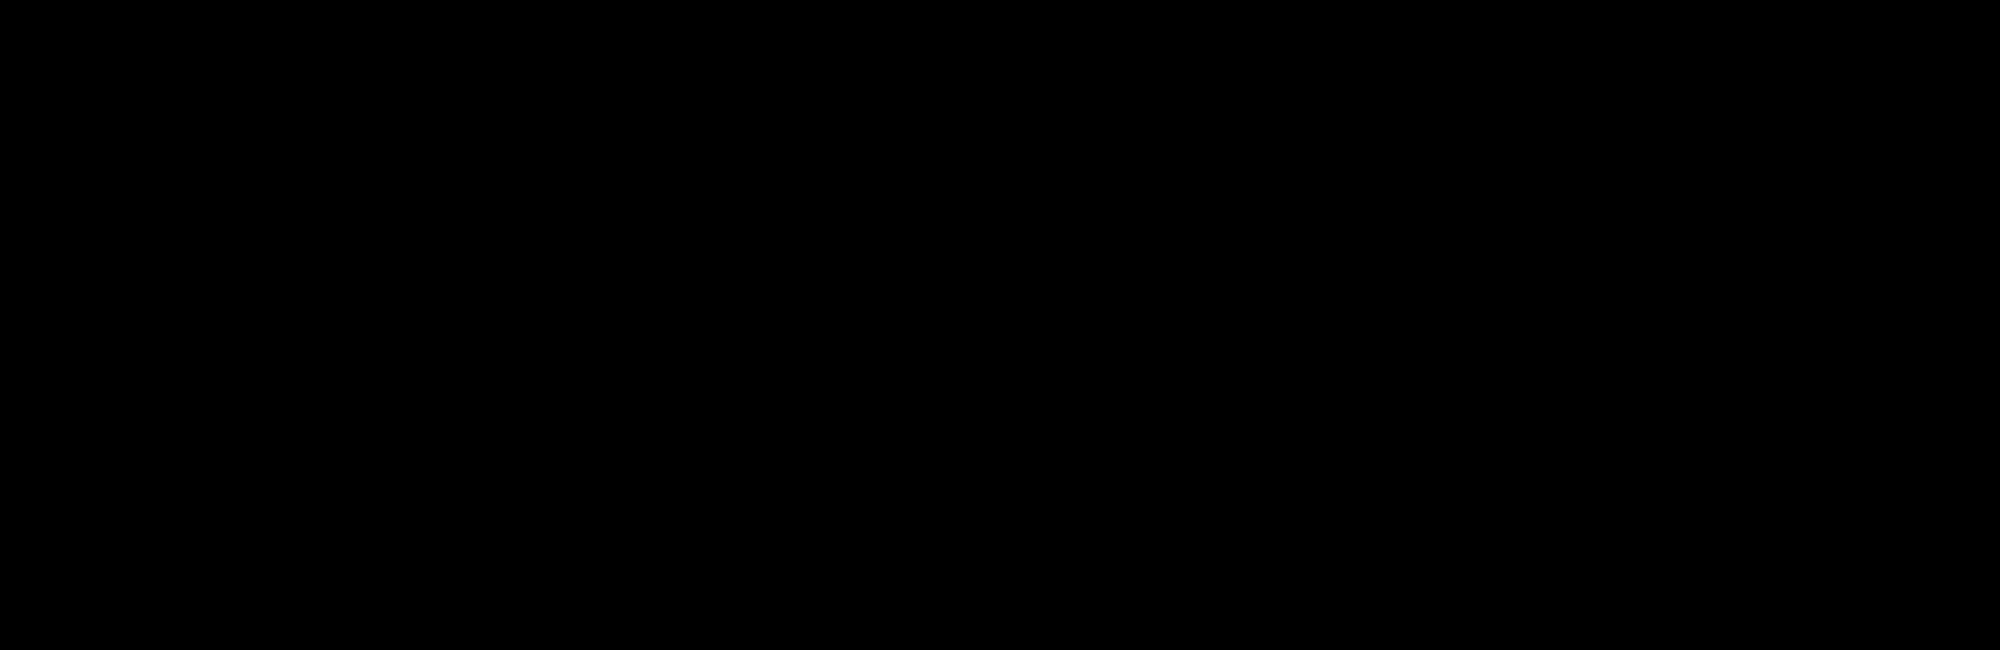 ZOLLAI Baromfi és húsfeldolgozó kft.